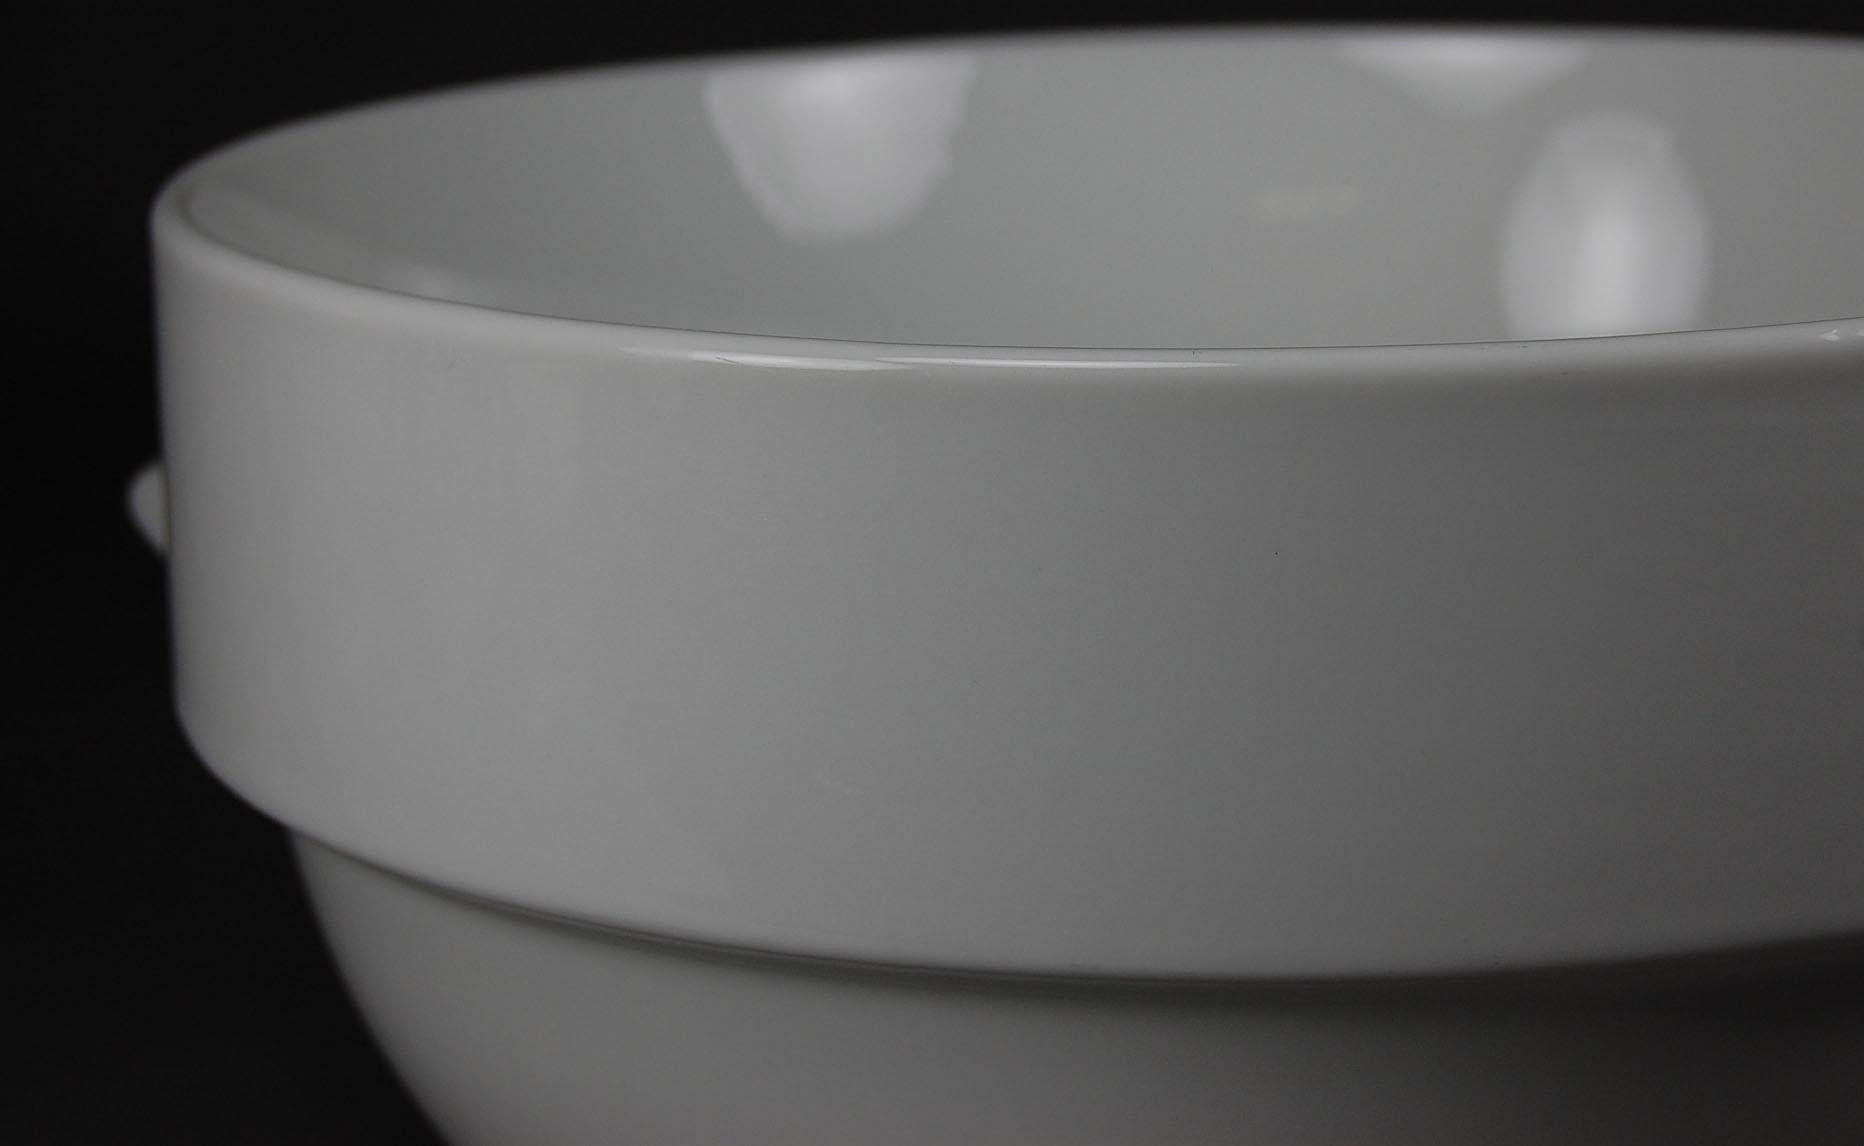 sch nwald service 98 terrine 400 design und klassiker. Black Bedroom Furniture Sets. Home Design Ideas